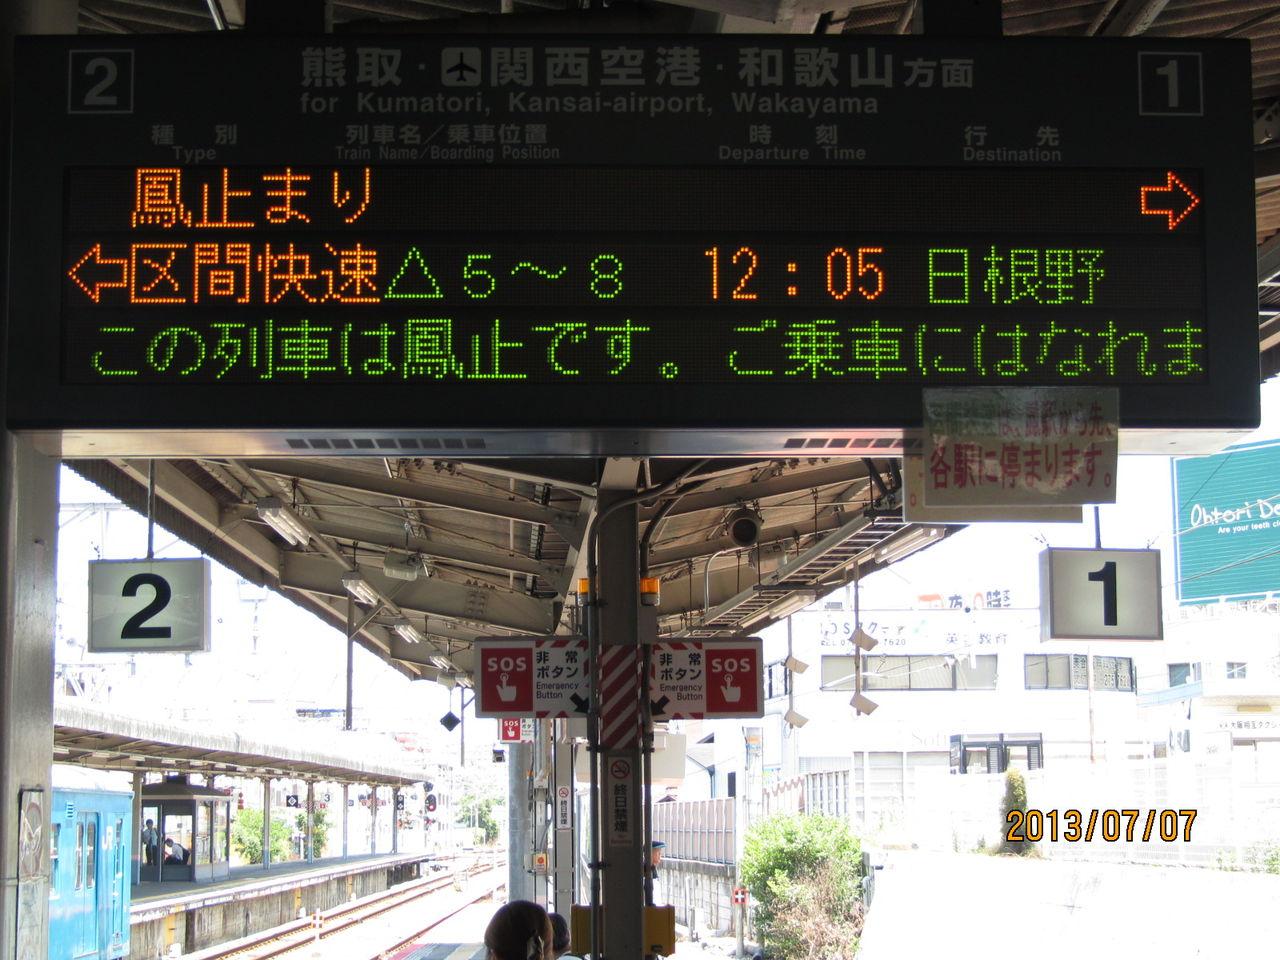 阪和線 当駅止まりの表示を集めてみた 【更新前】 : 関西のJRへようこそ!